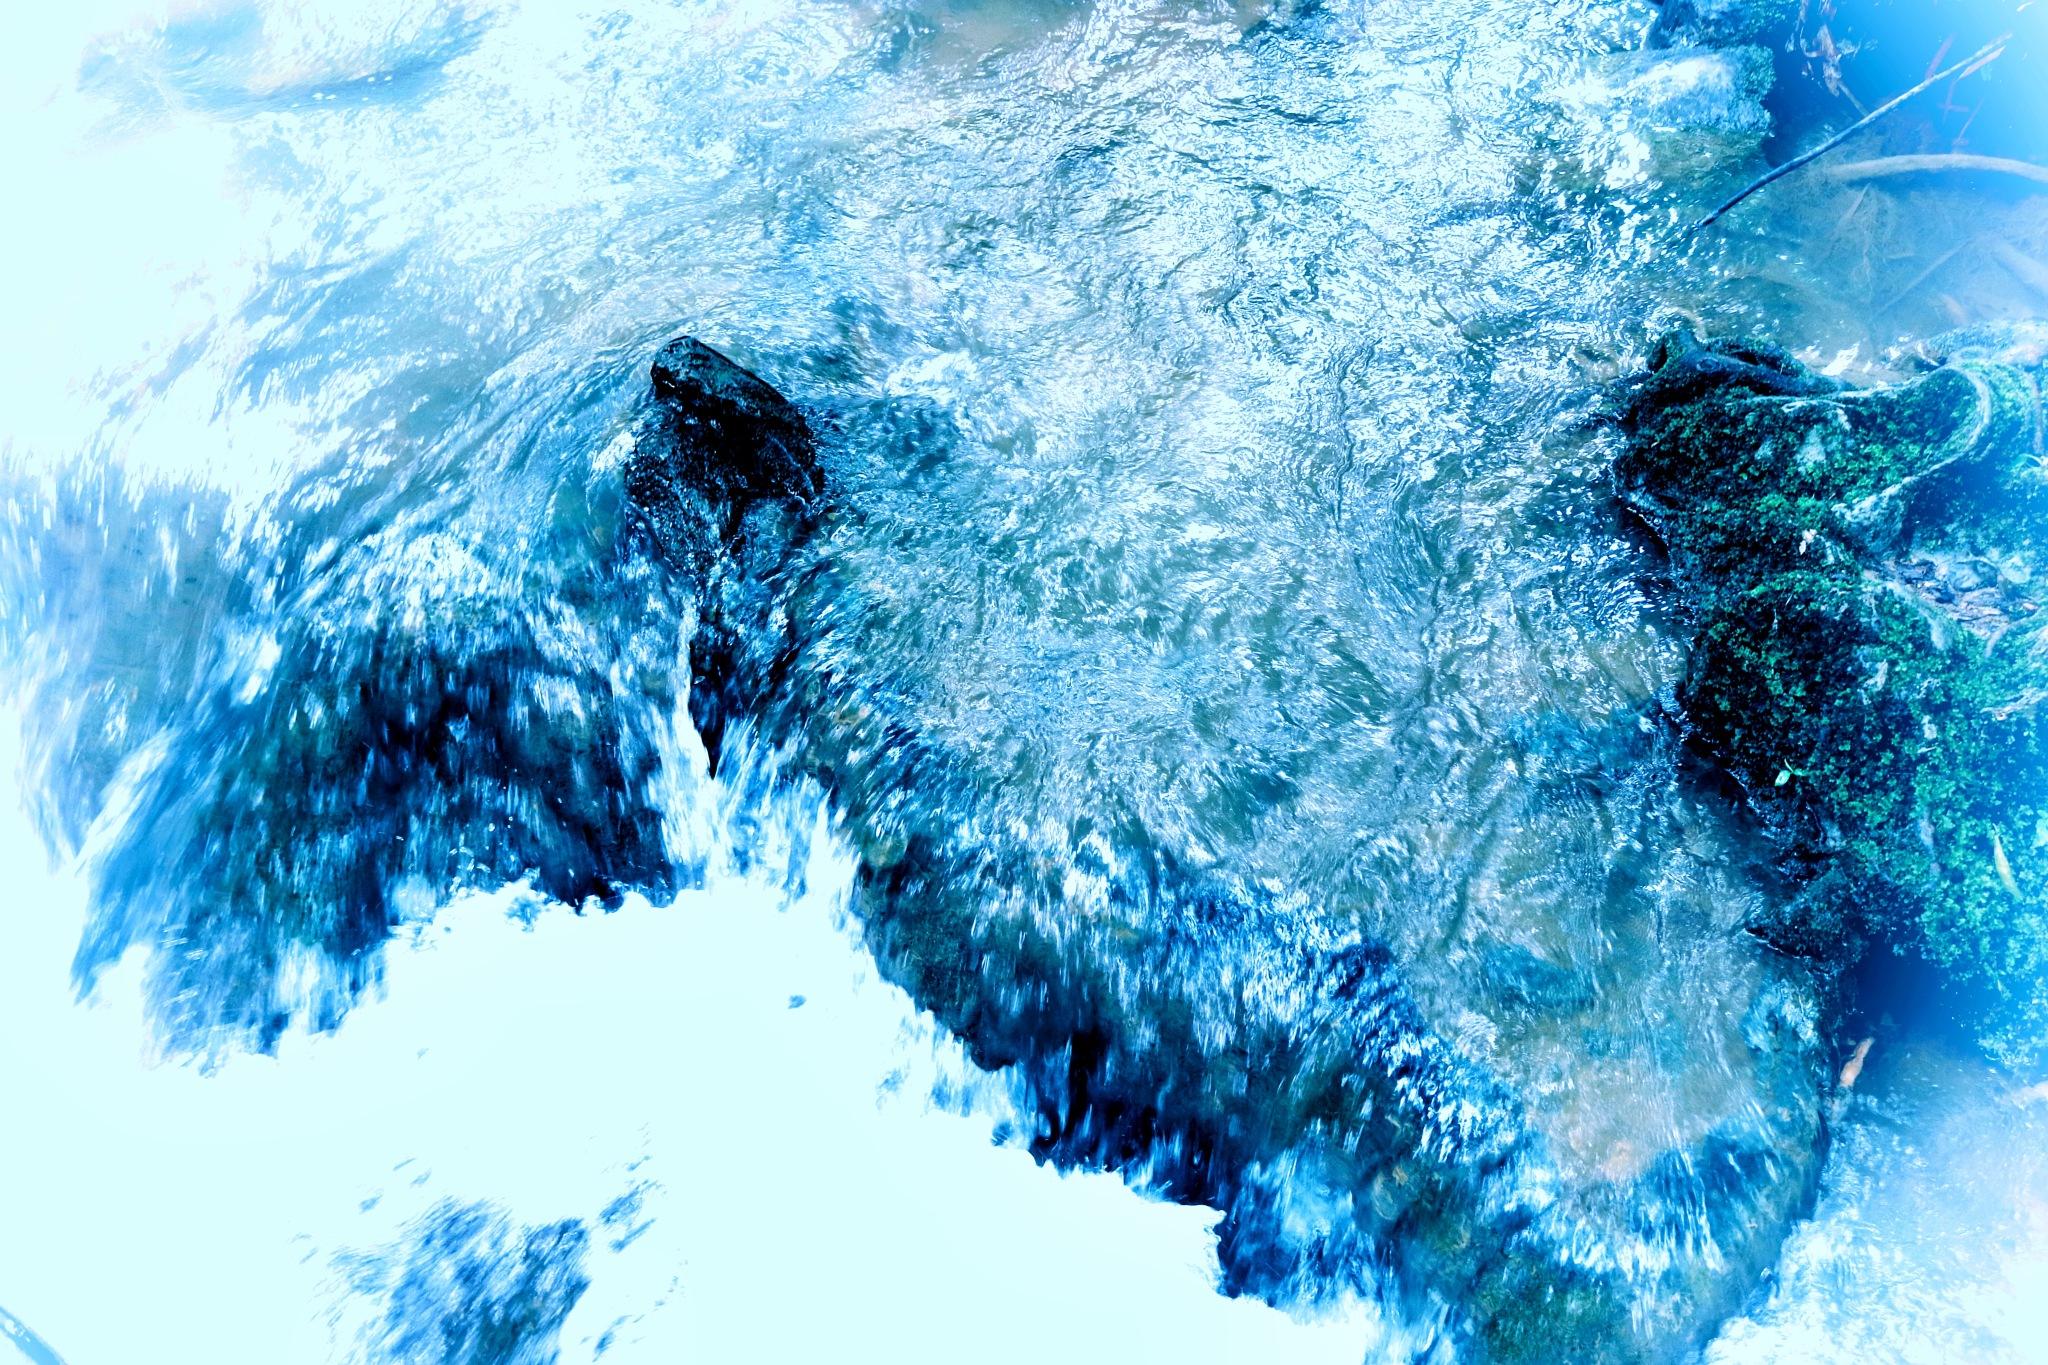 Water by Aayush Vispute